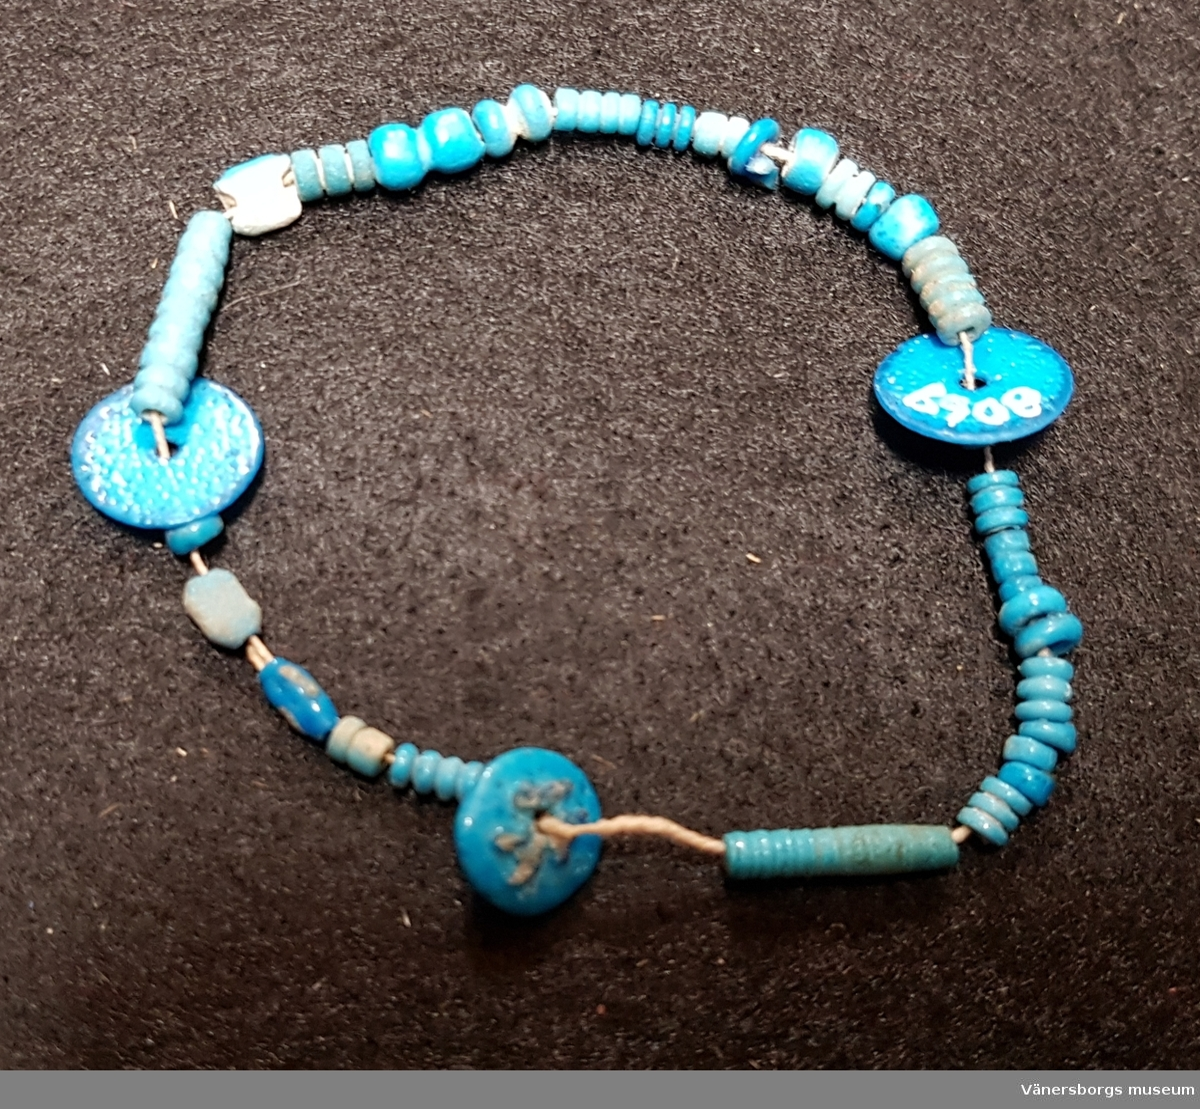 Armband. Ingår i en samling mumieprydnader från en grav i Thebe.